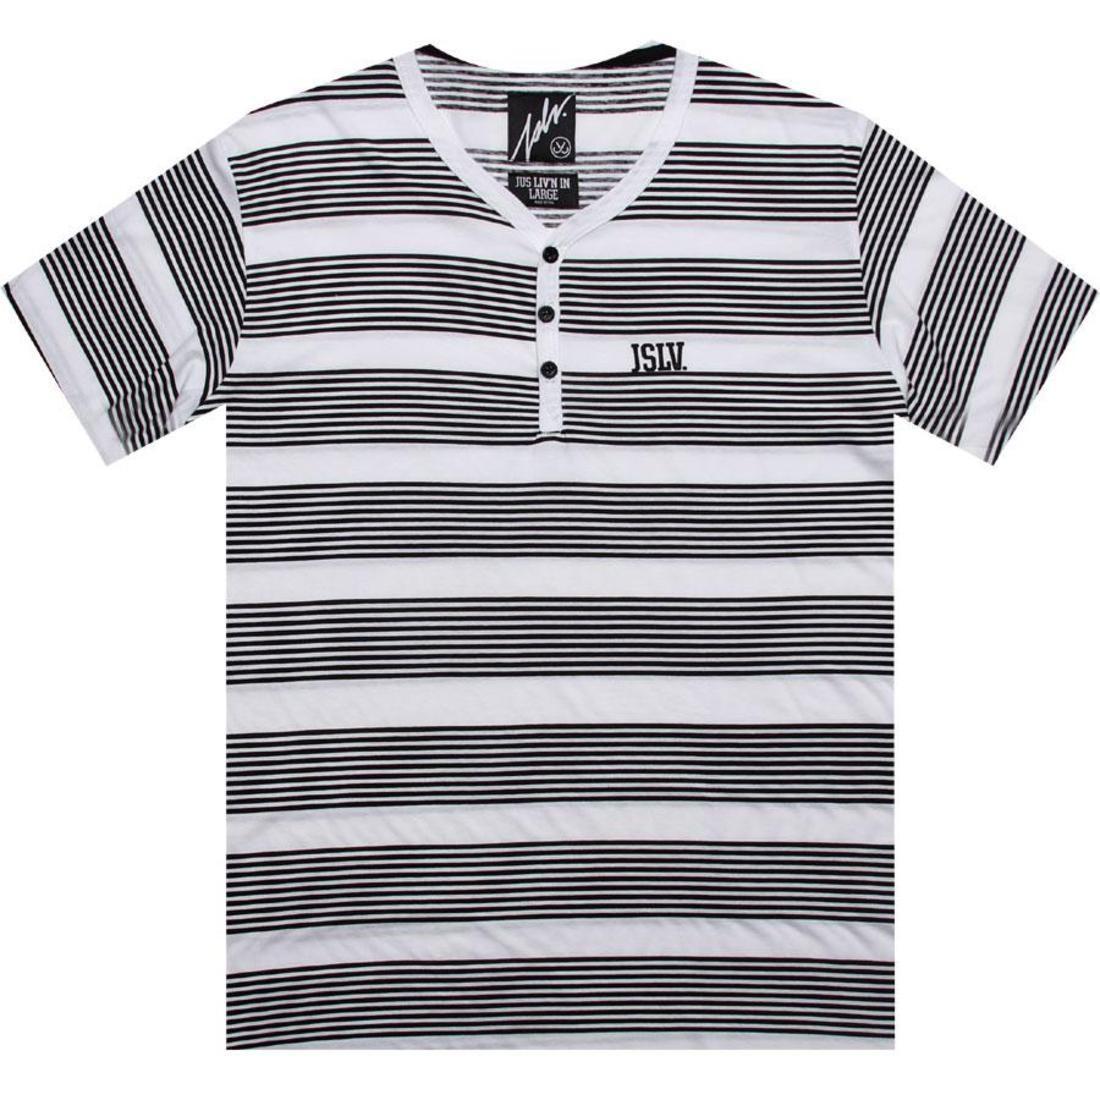 ニット Tシャツ 白 ホワイト 【 WHITE JSLV POOLSIDE KNIT TEE 】 メンズファッション トップス Tシャツ カットソー